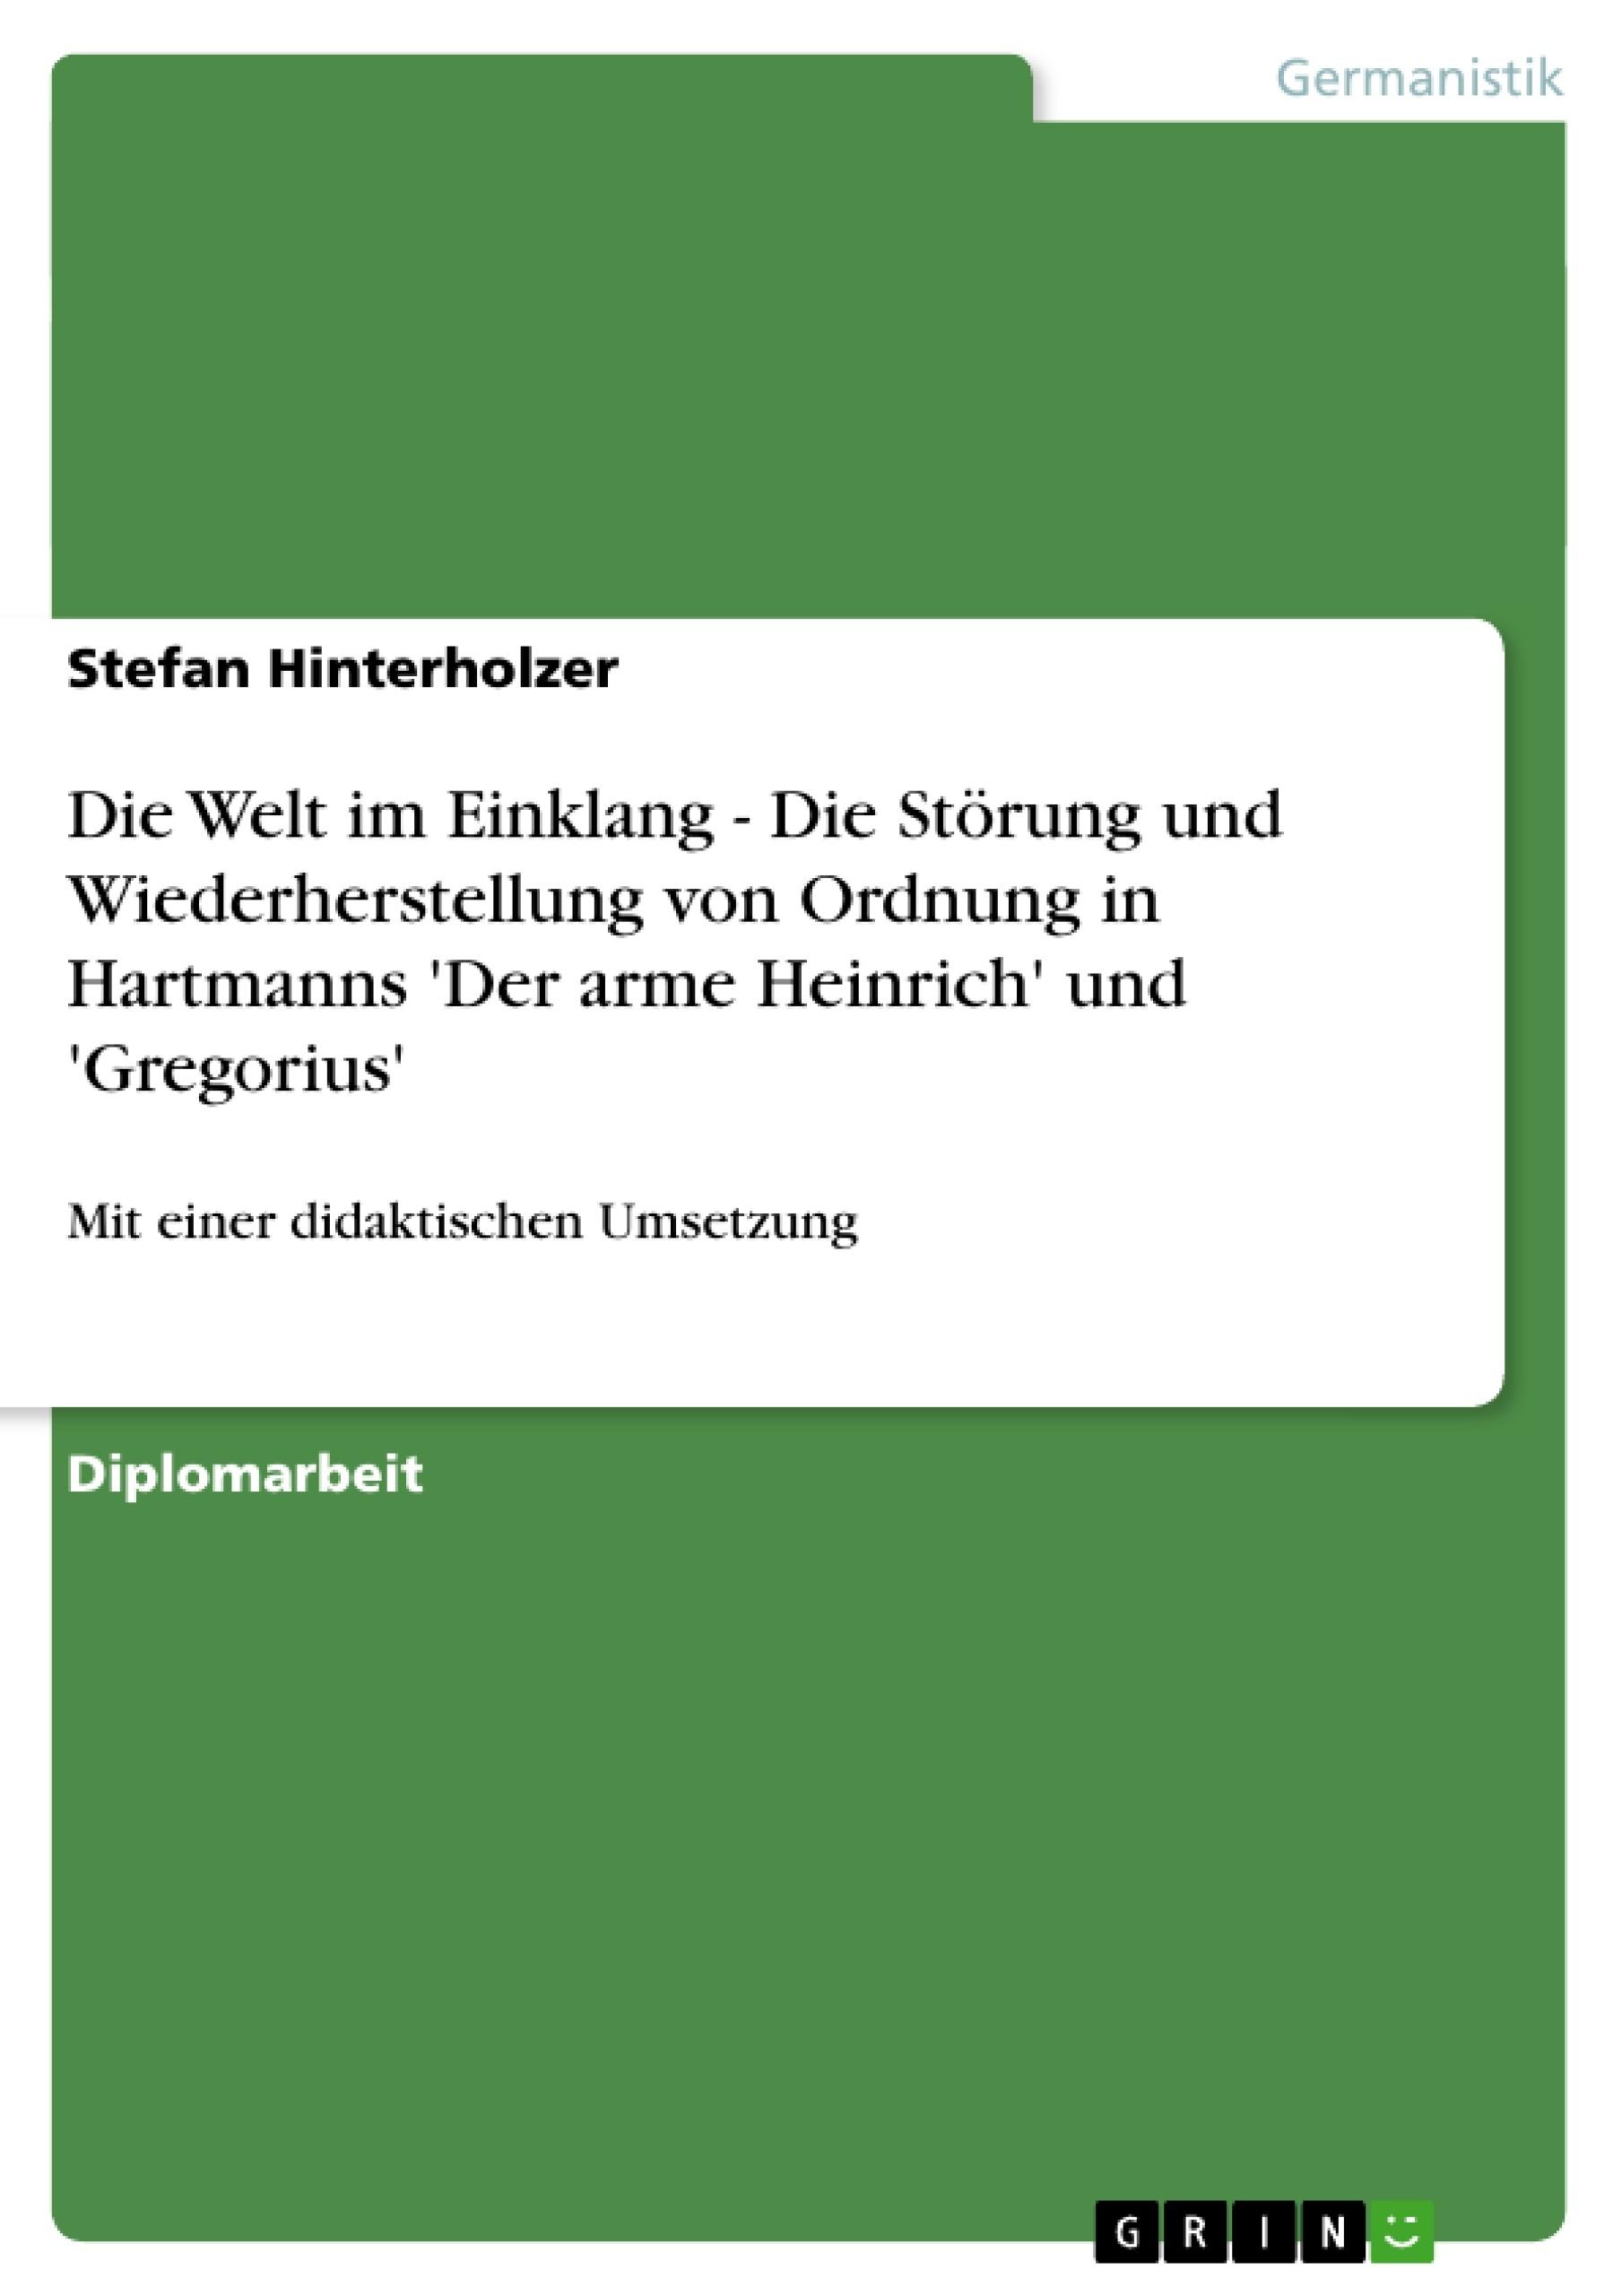 Titel: Die Welt im Einklang - Die Störung und Wiederherstellung von Ordnung in Hartmanns 'Der arme Heinrich' und 'Gregorius'